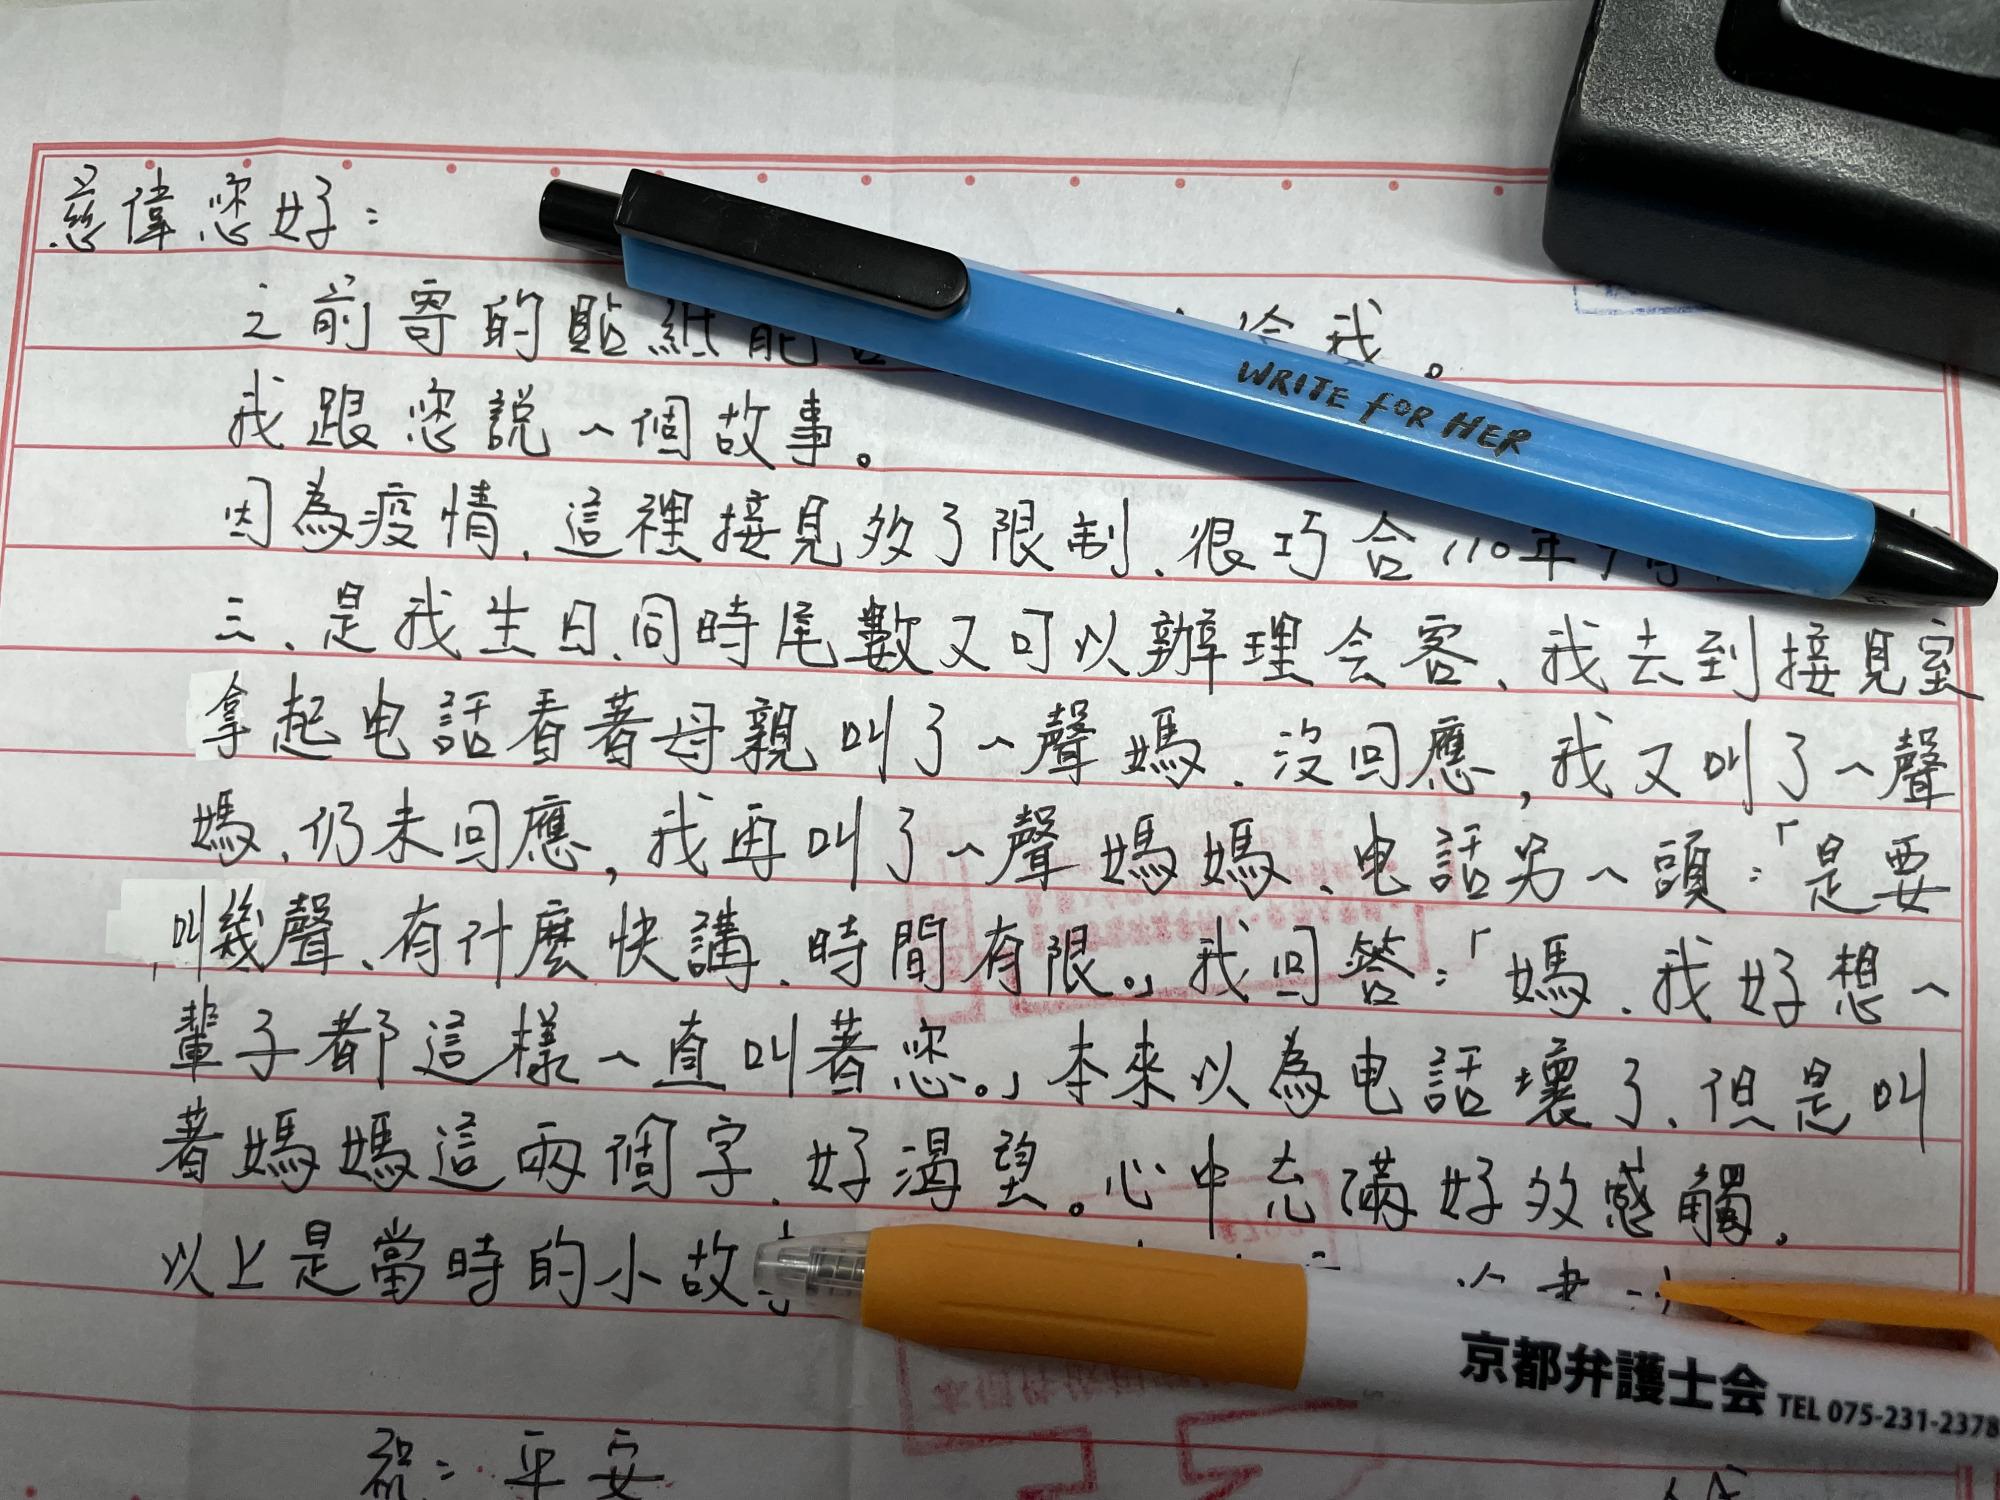 xiang_pian_2021-10-8_xia_wu_2_28_10.jpg